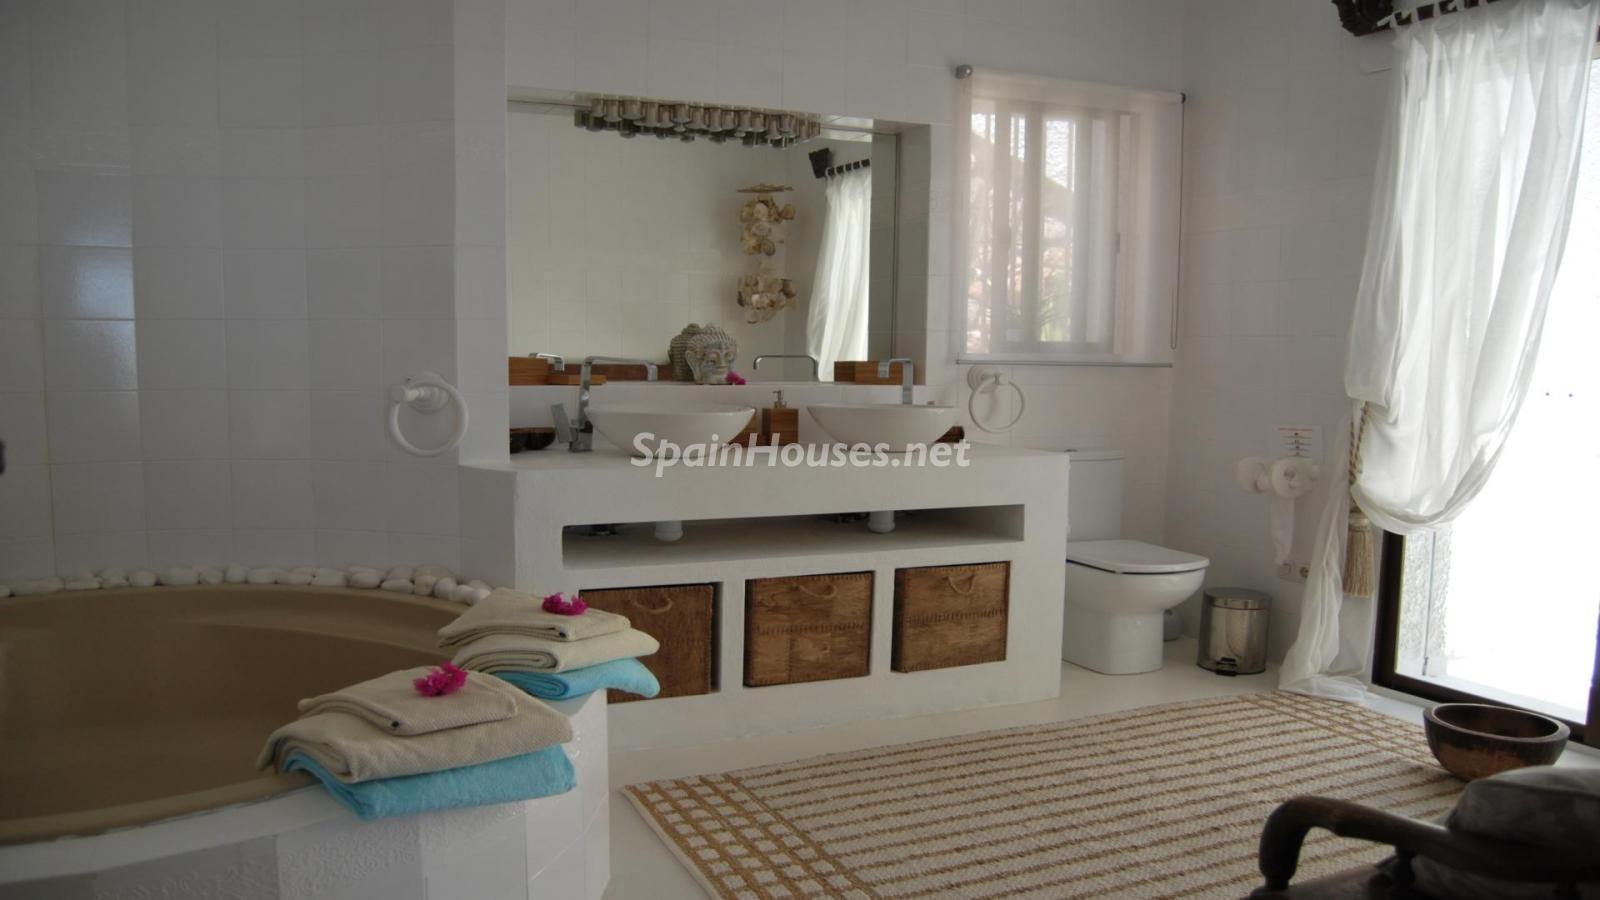 49335 2014903 foto 670341 - Exotic villa in Salobreña, Granada